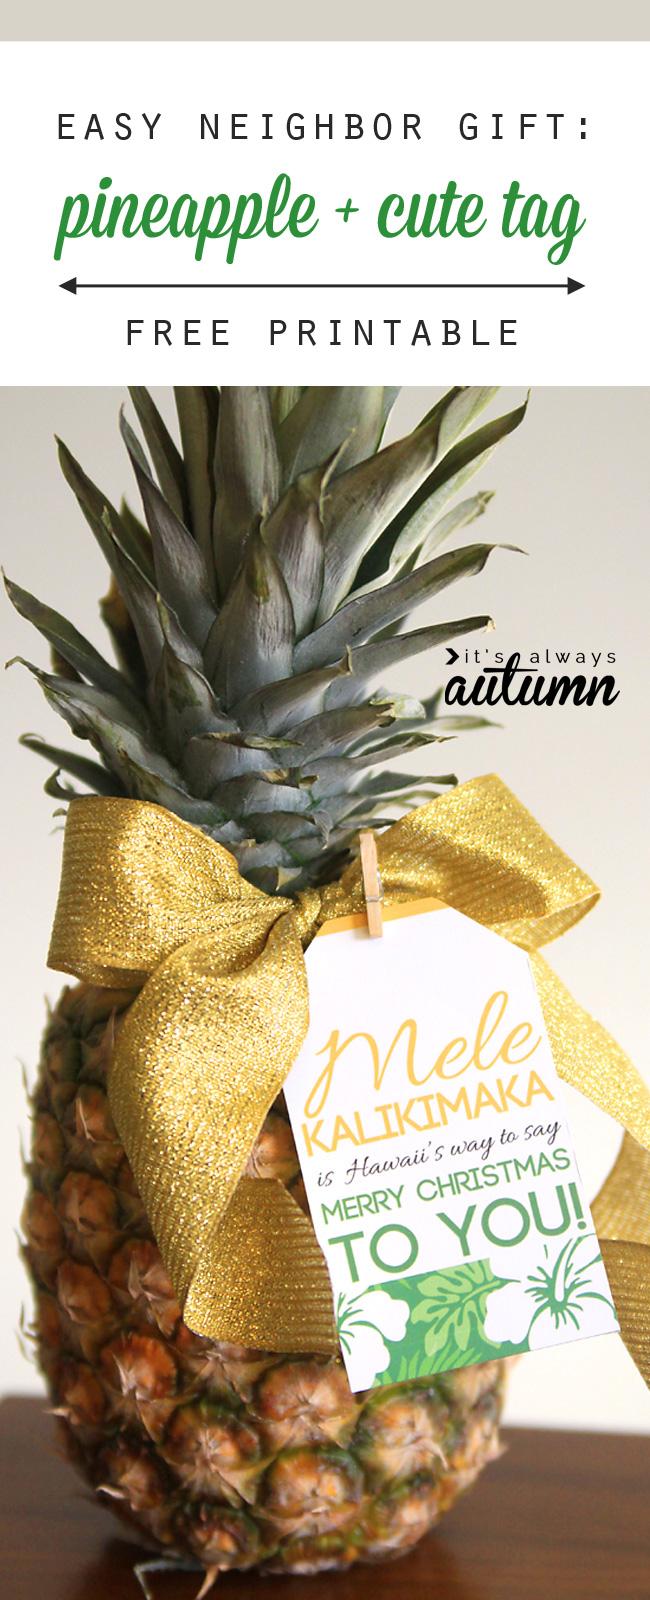 Neighbor Christmas Gift Ideas | Mele Kalikimaka Pineapple Gift | It's Always Autumn